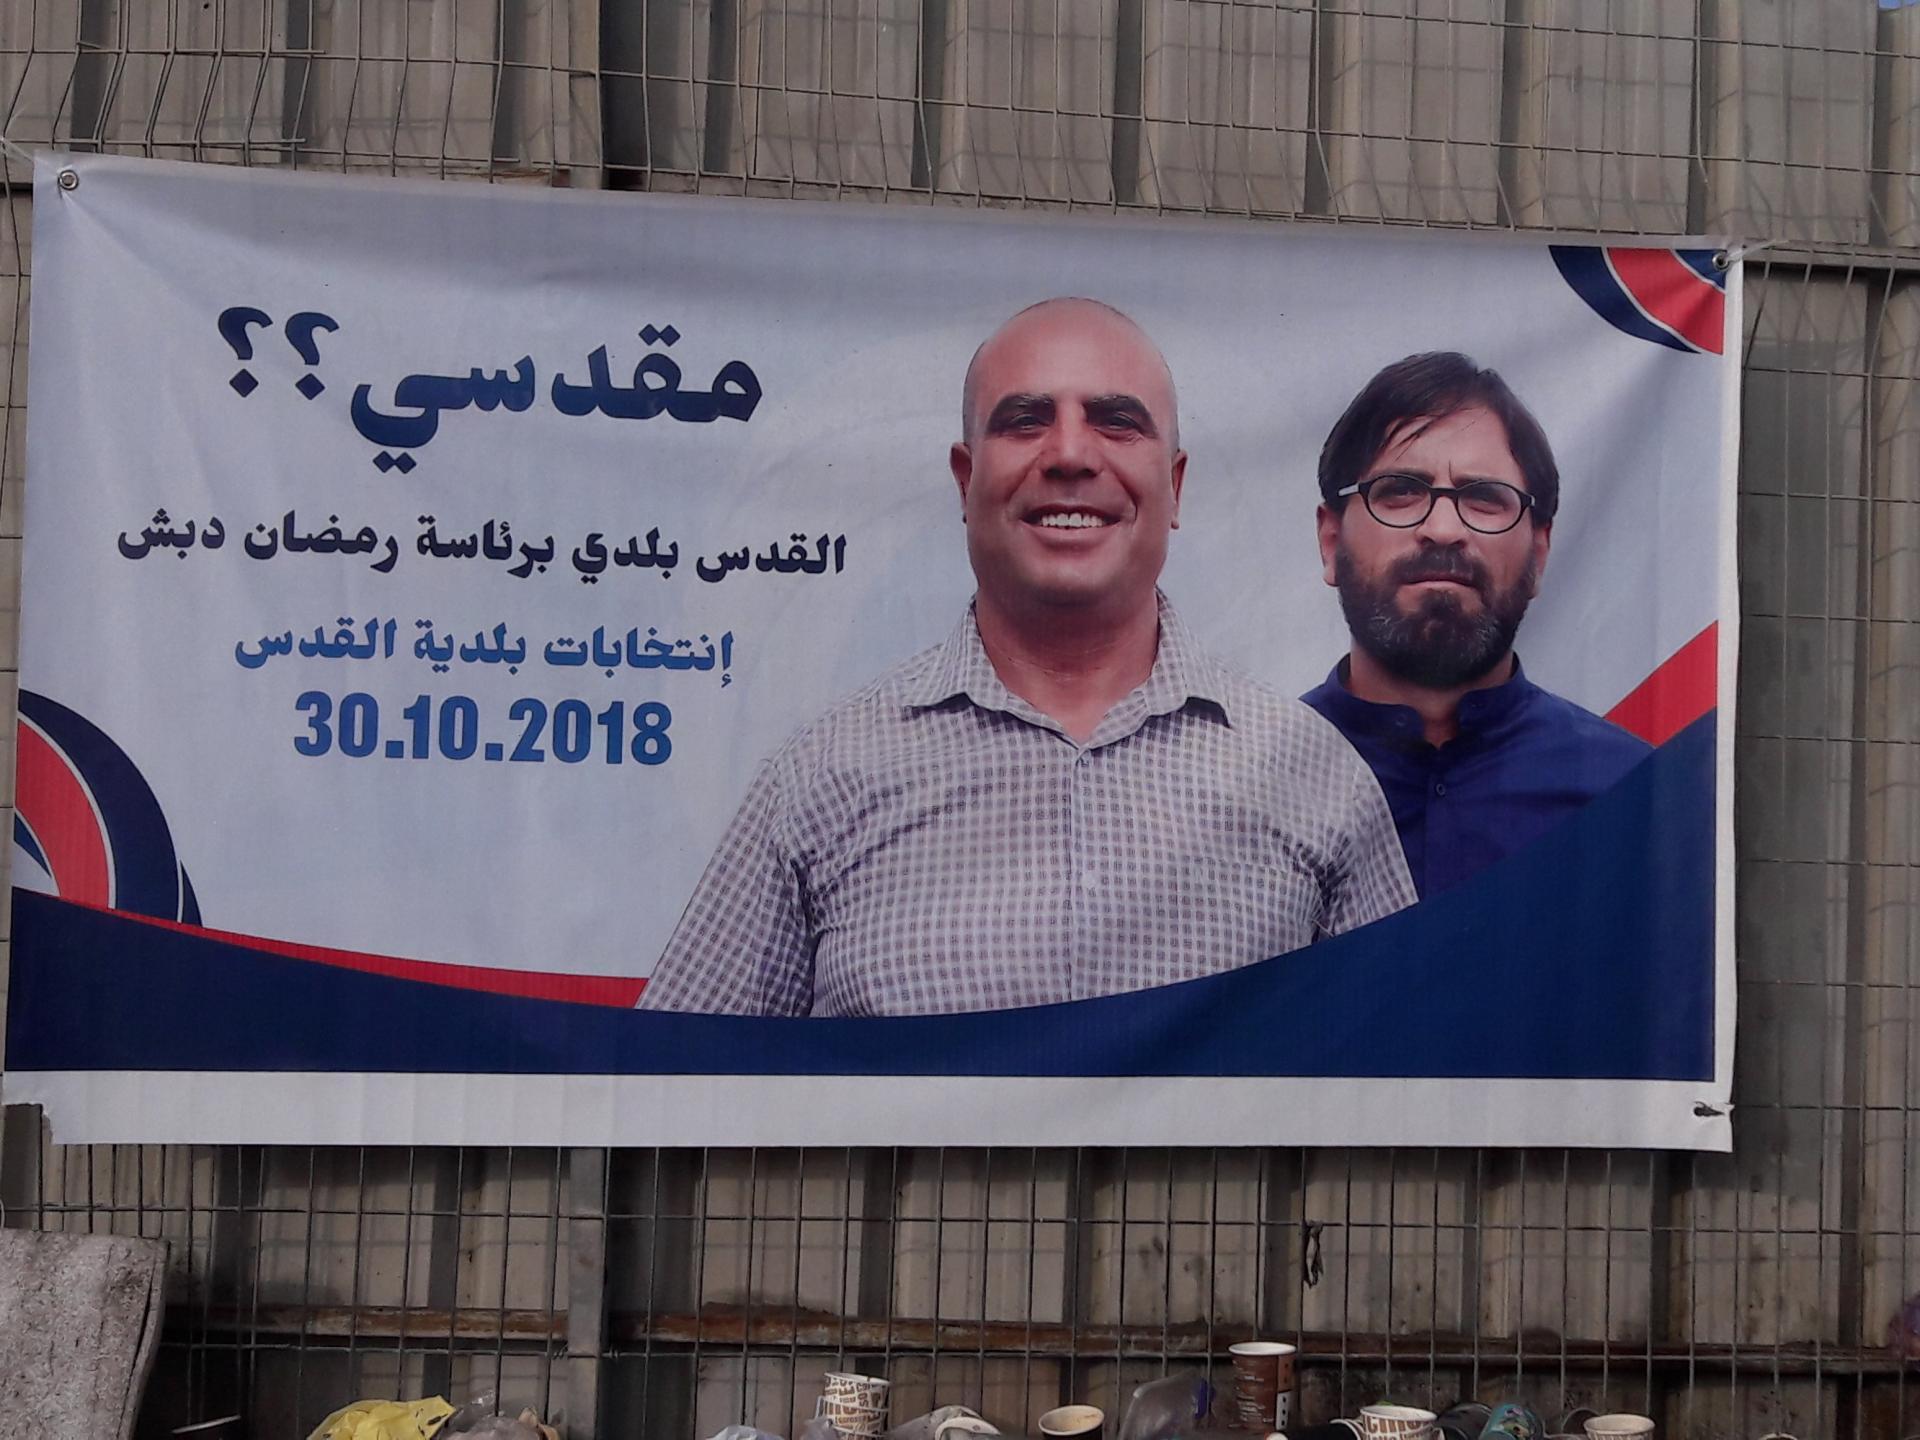 שלט על הרשימה הערבית למועצת העיר